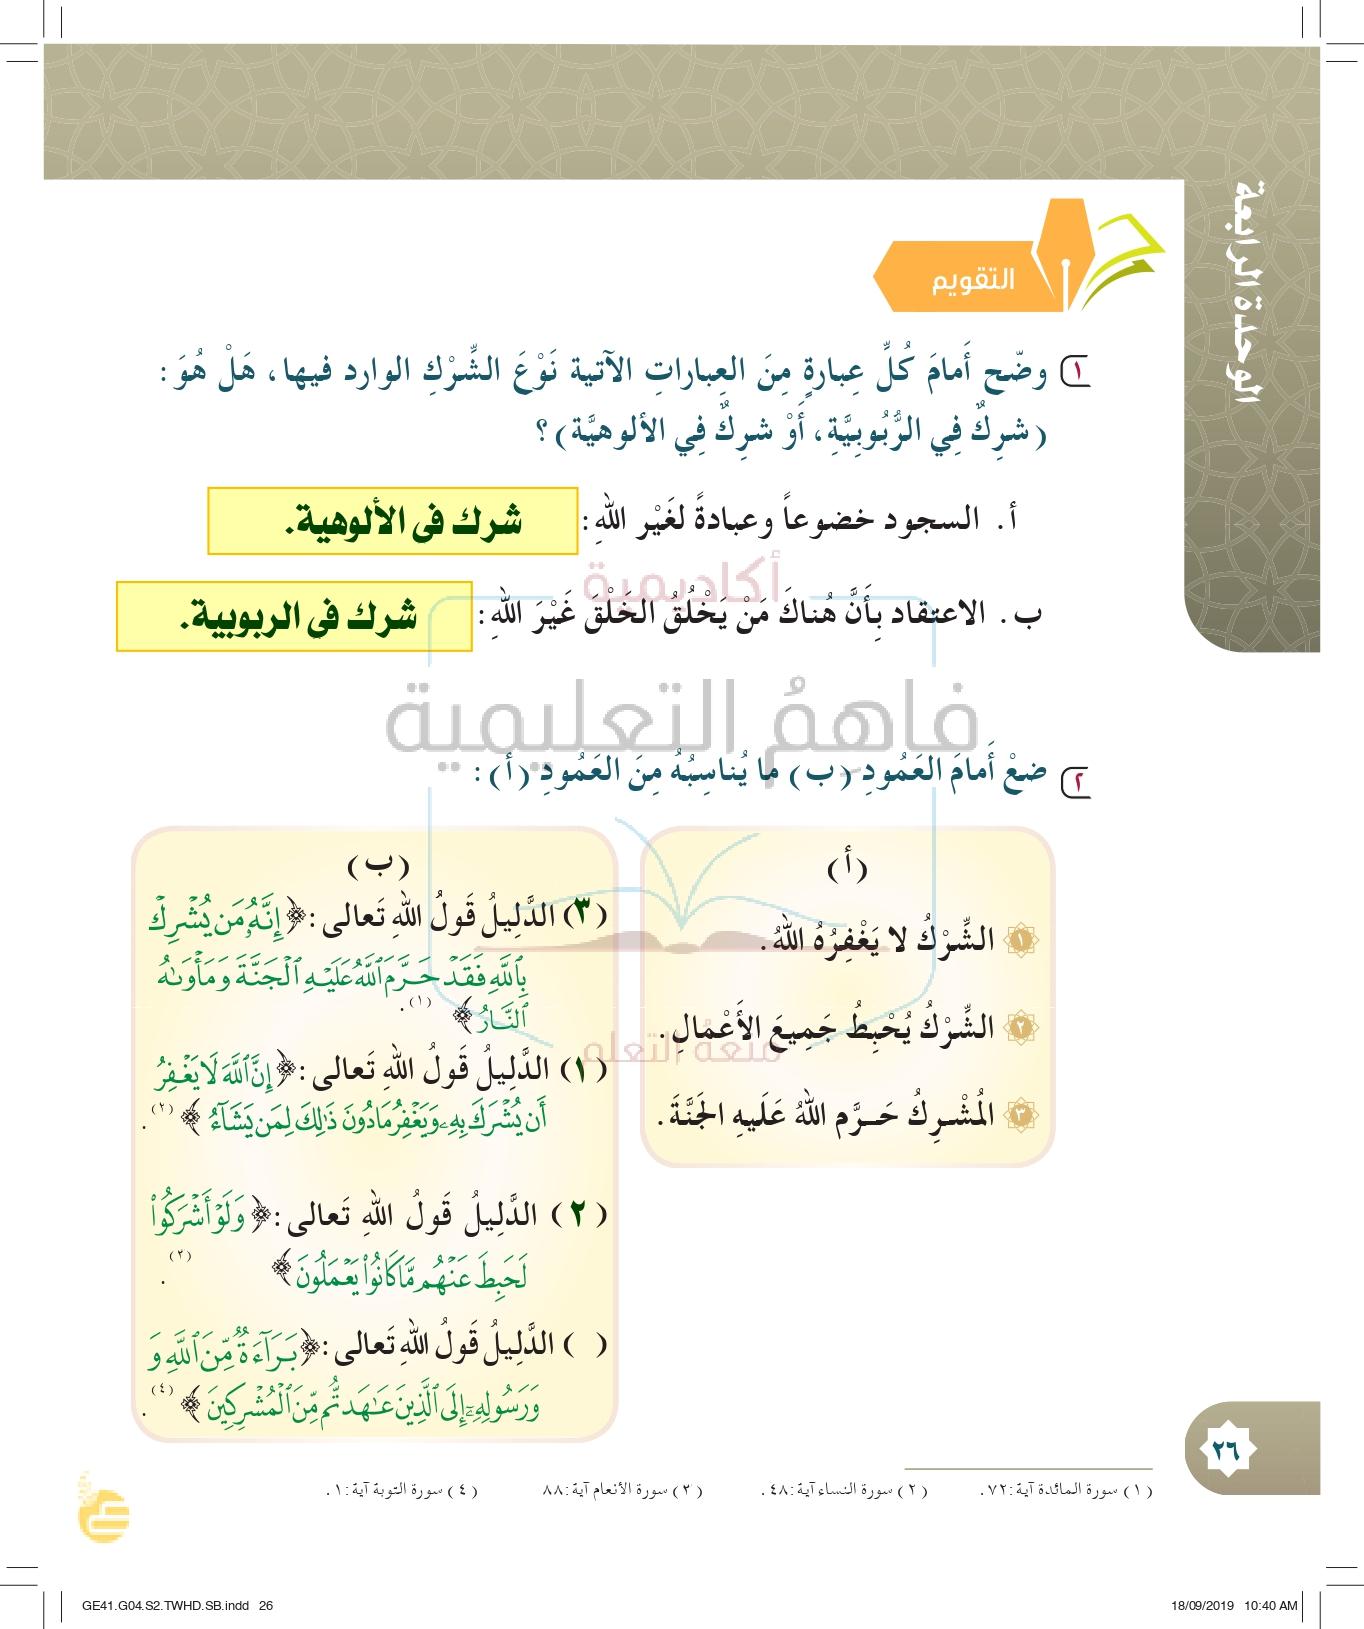 حل كتاب النشاط توحيد رابع الفصل الثاني